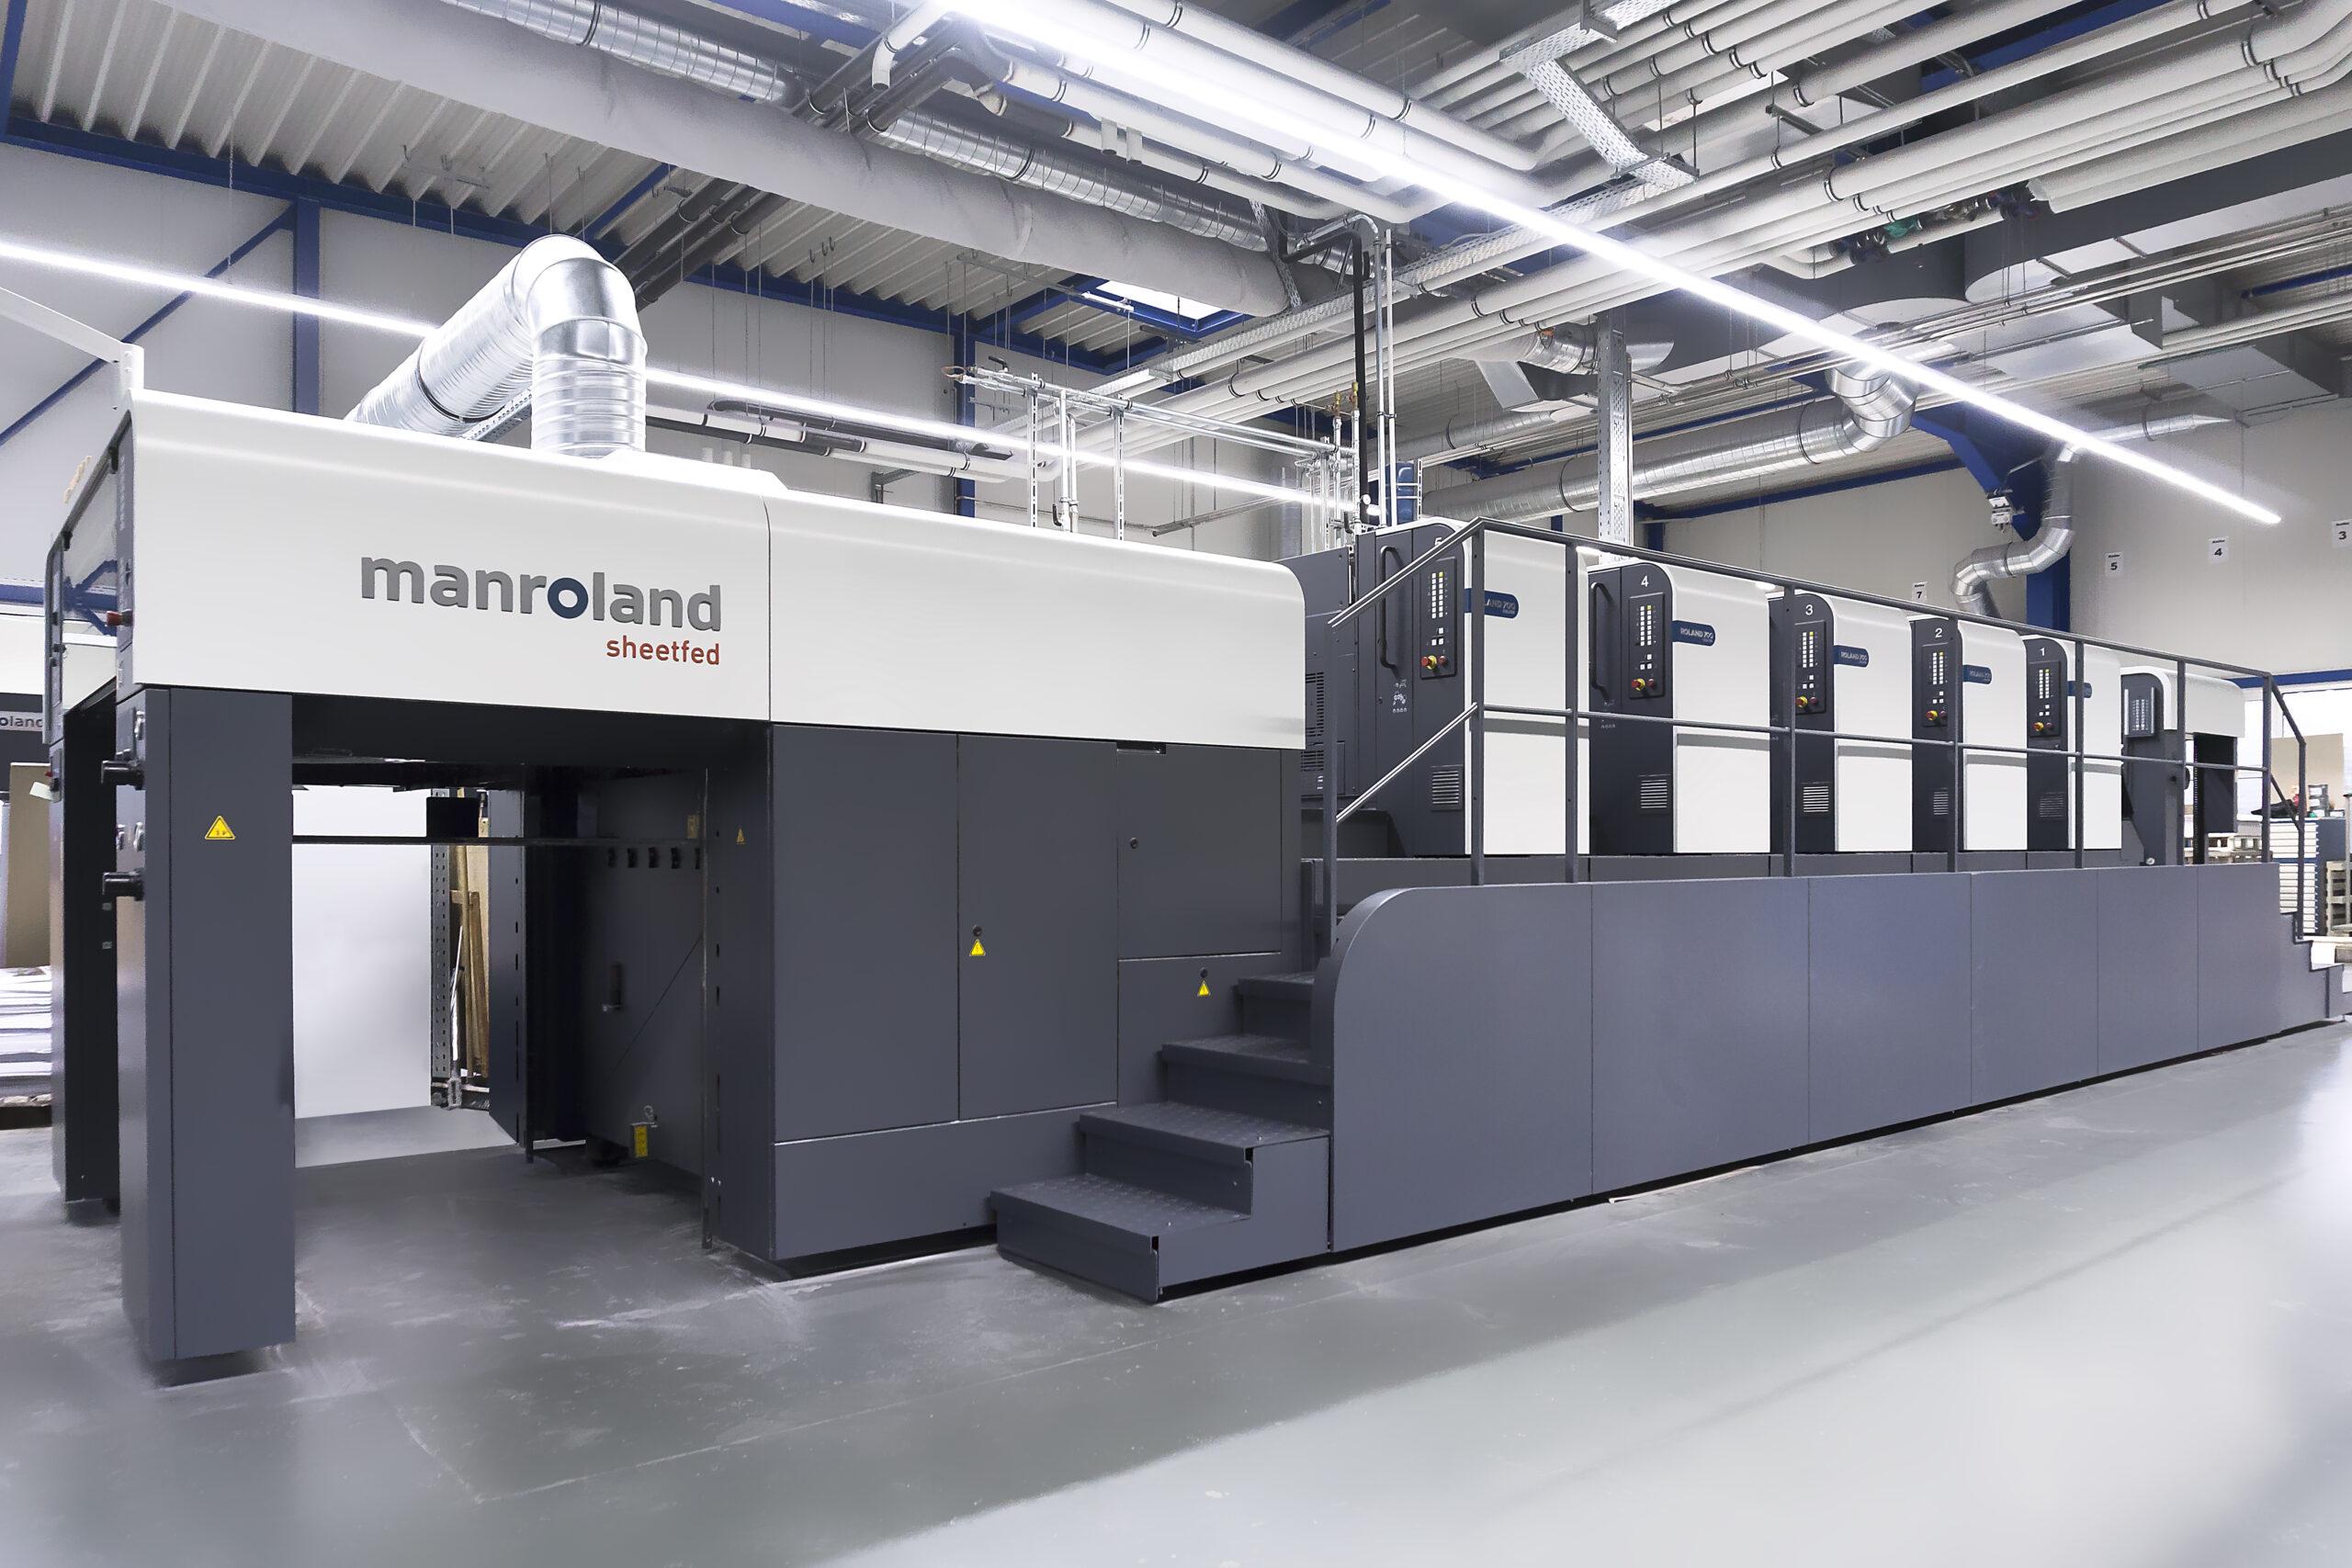 moderne Druckmaschine in einer großen Halle